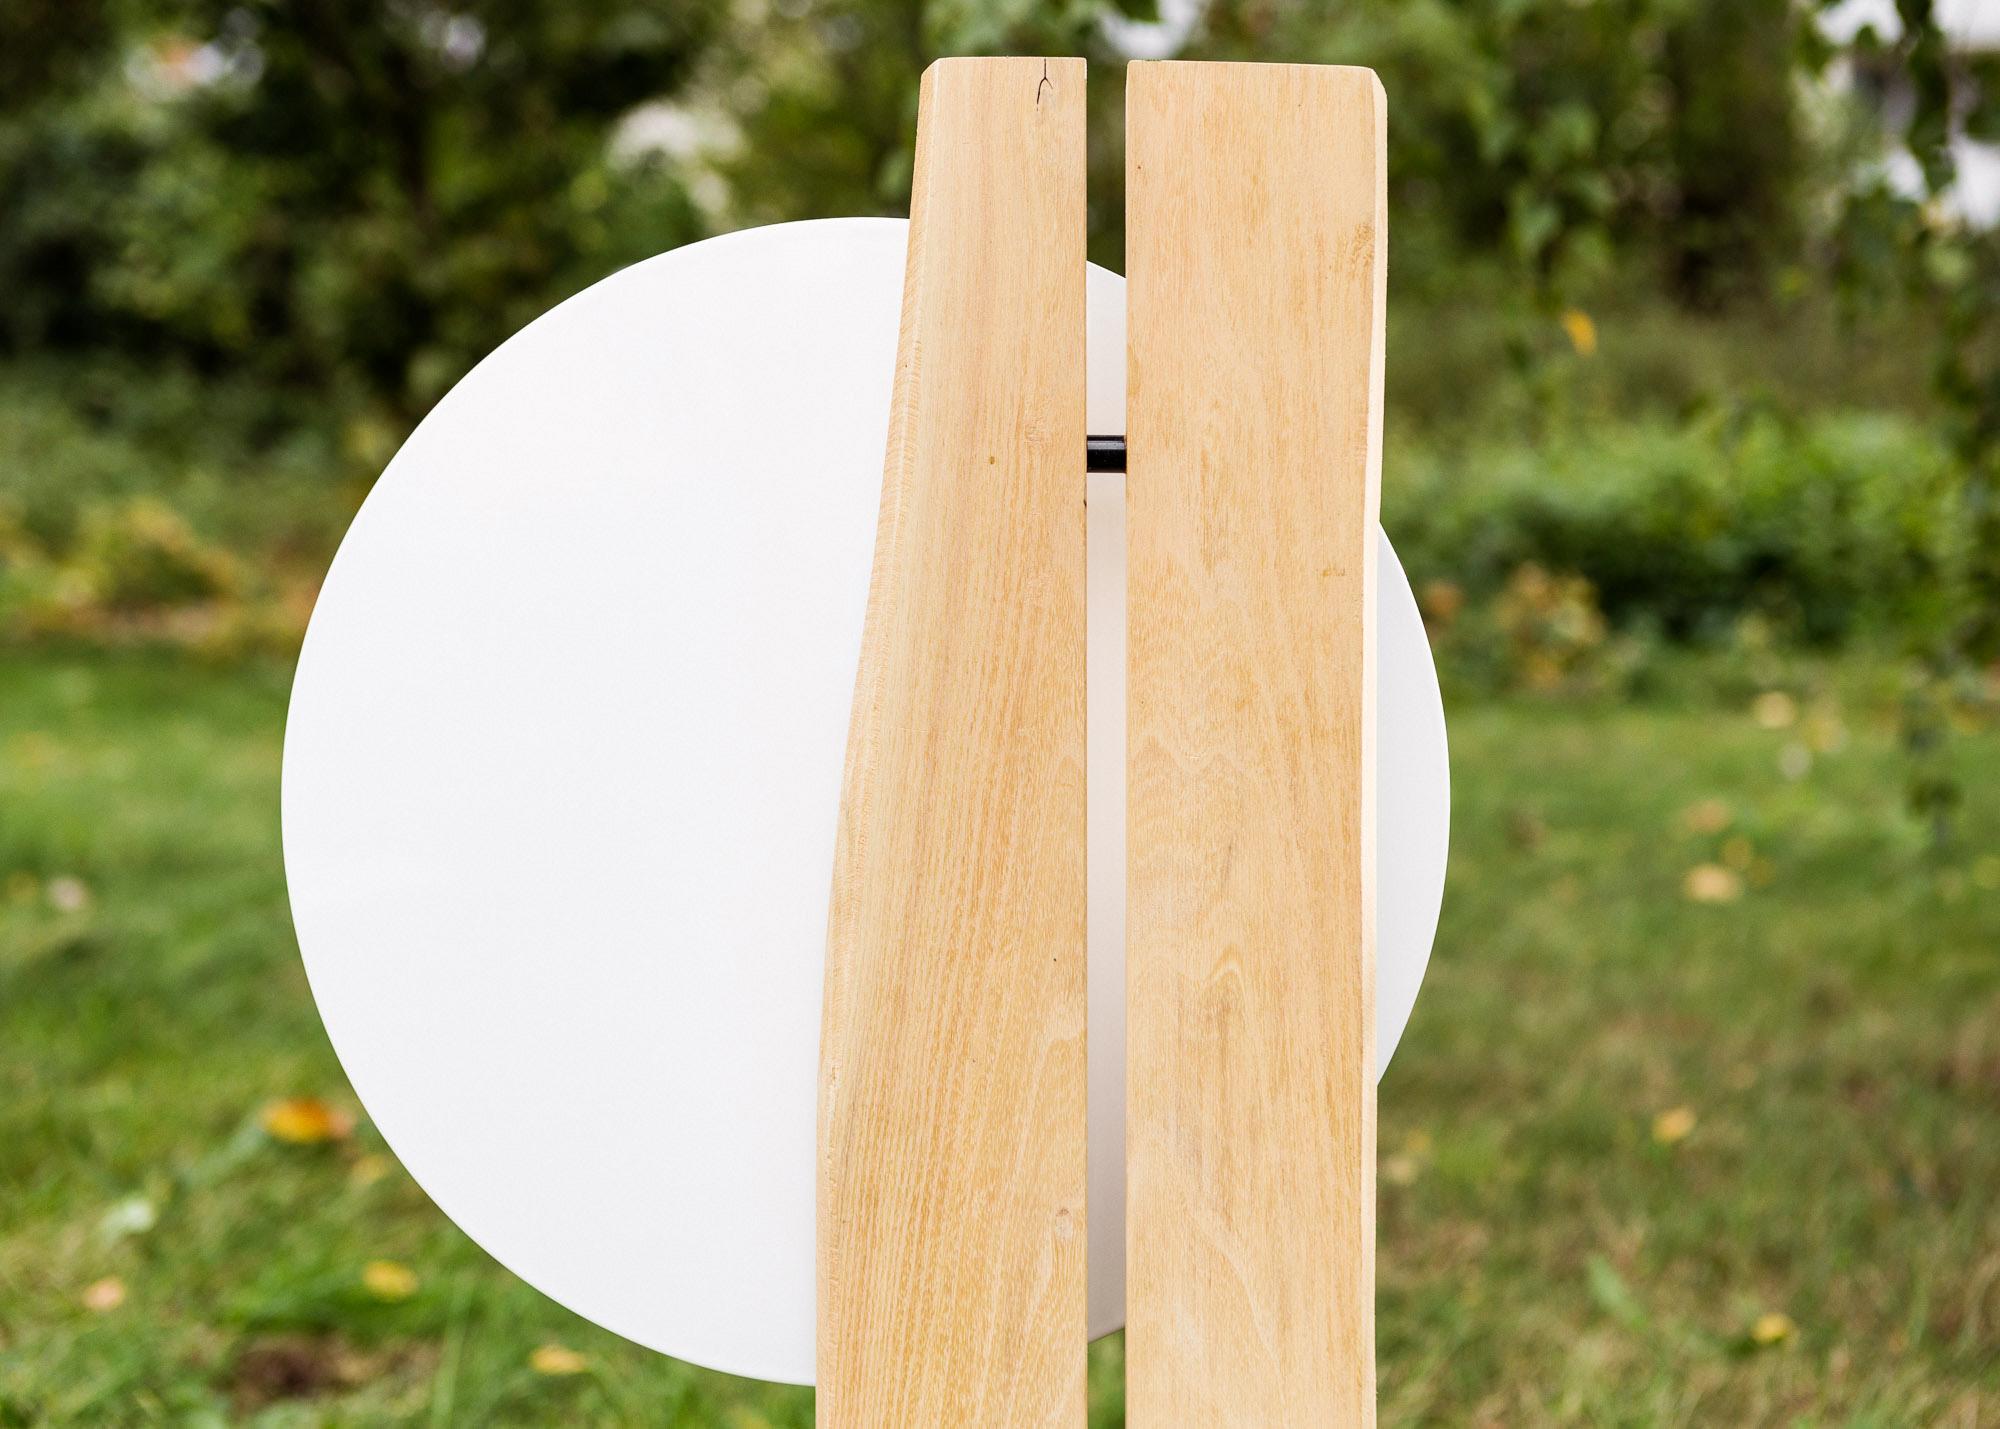 Familiengrabmal oder Ehegrab aus Naturholz und Emailleschild